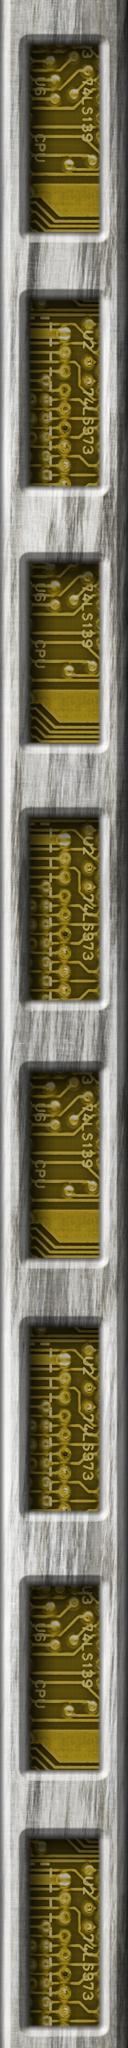 Yellow KeyCard Door Edge by Hoover1979